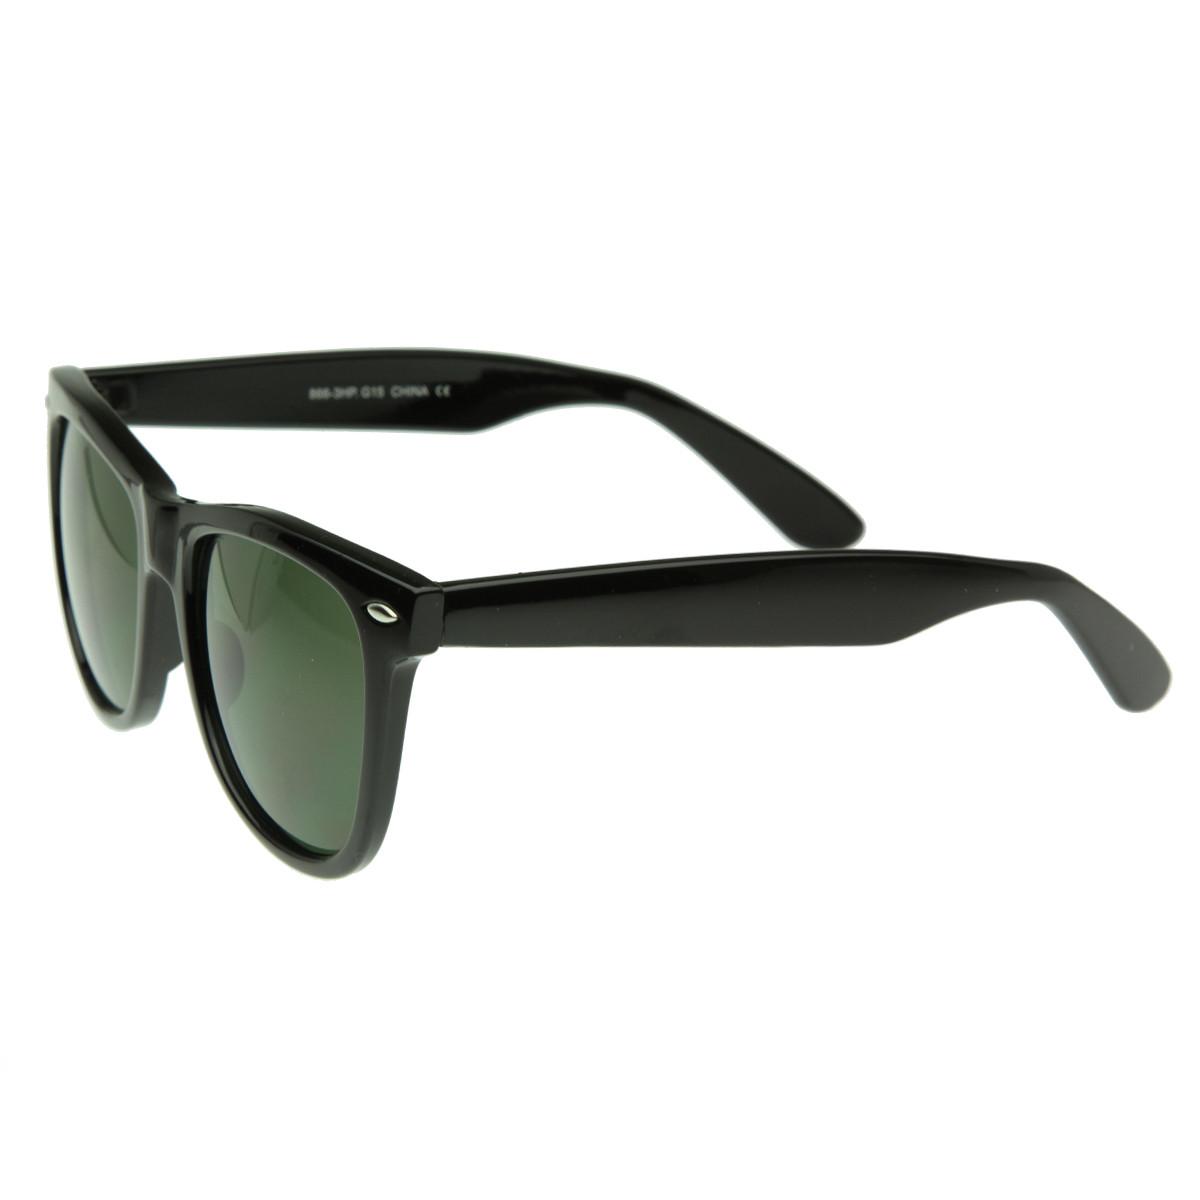 Large Vintage Classic 80s Wayfarer Sunglasses 2373 G15 ...